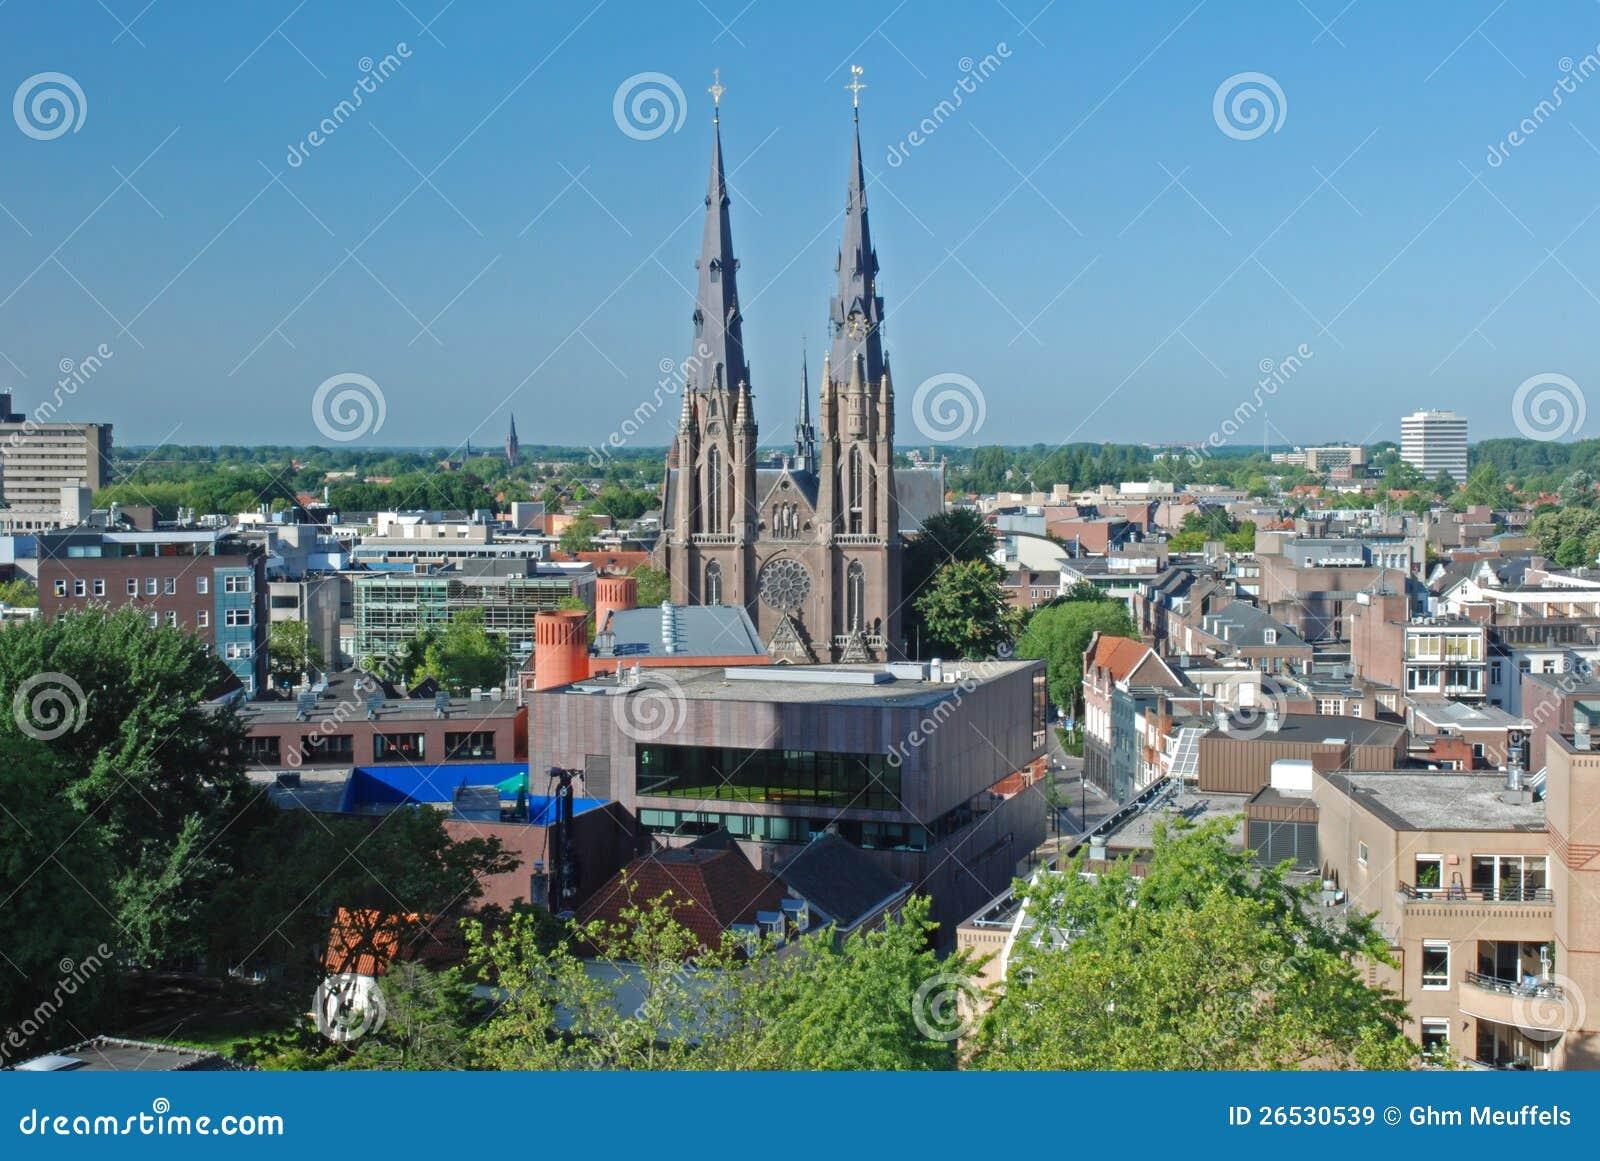 Eindhoven i stadens centrum - Nederländerna - sikt från höjd